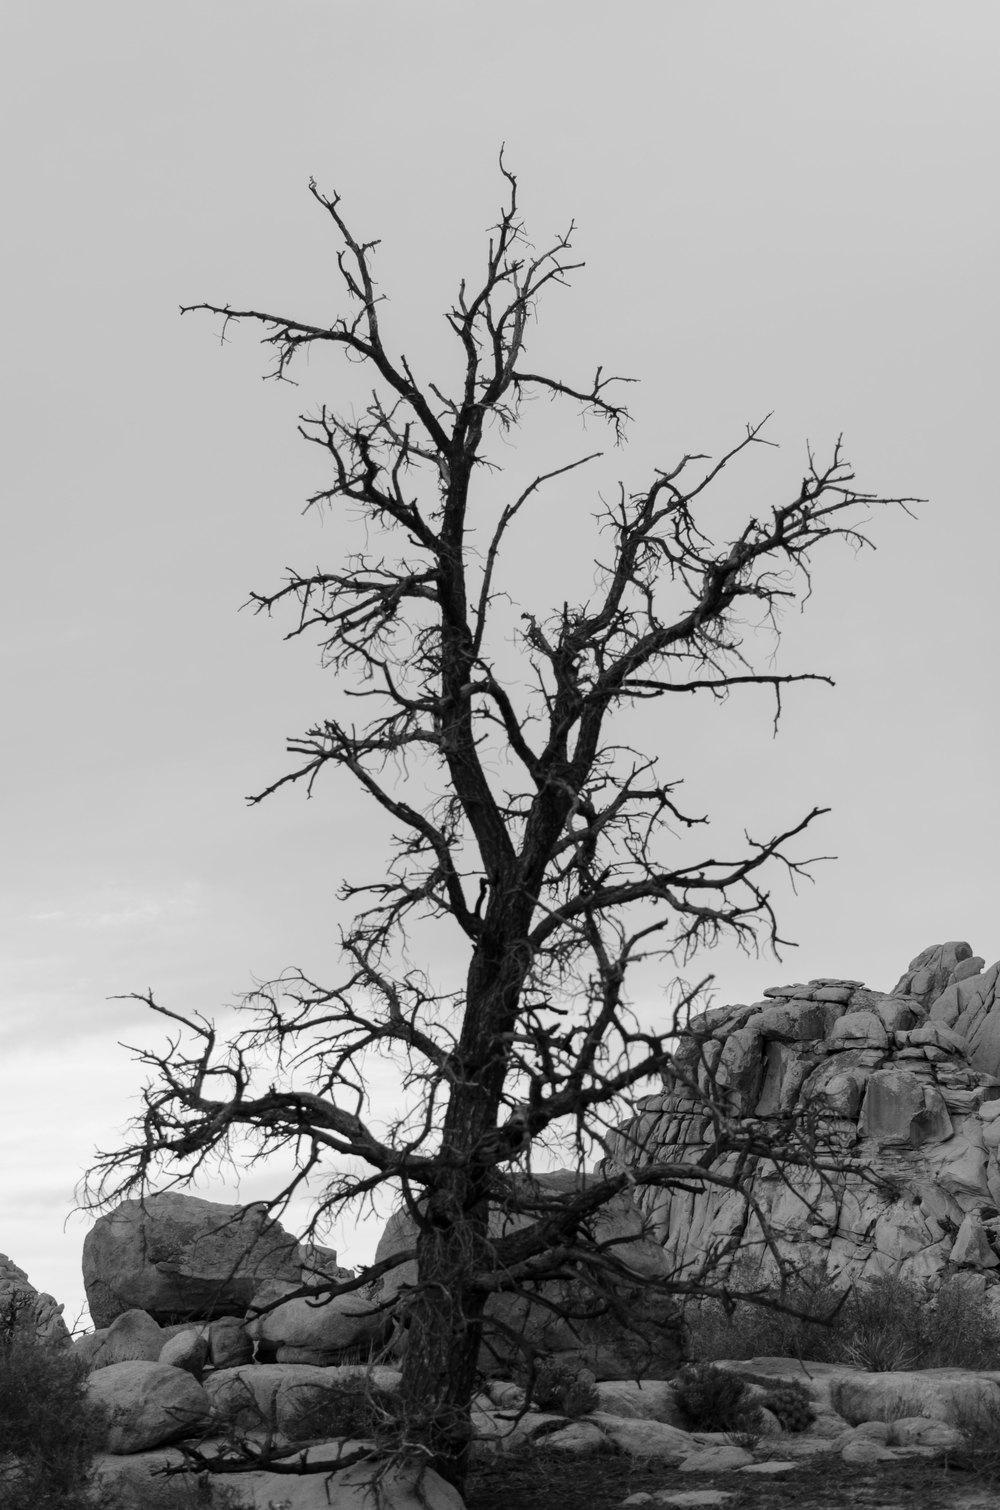 Joshua-Tree-6-bw-casenruiz.jpg